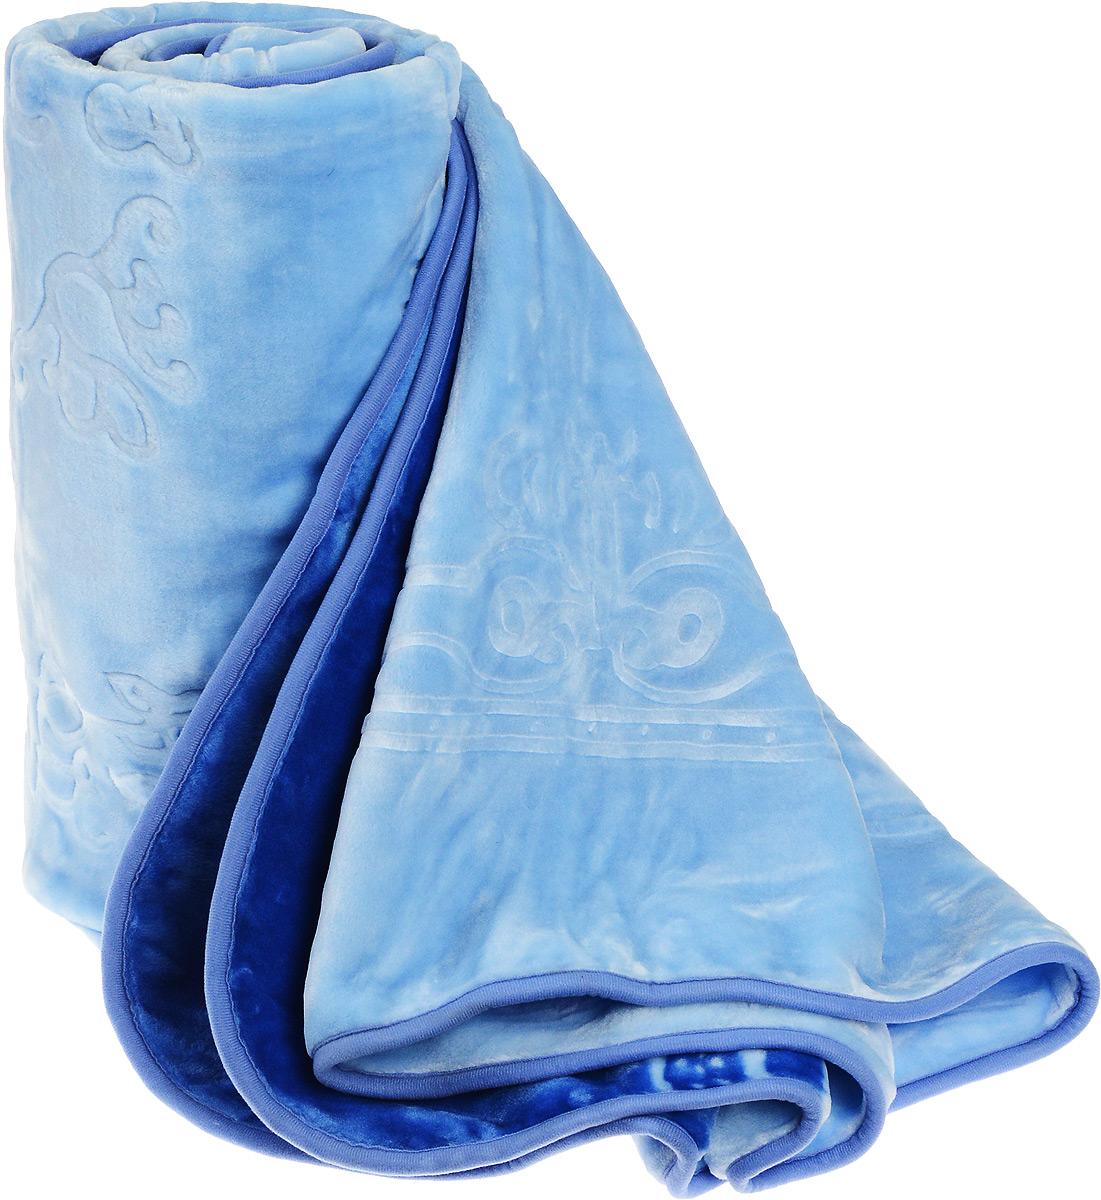 Плед Tomilon, цвет: голубой, 220 х 240 см58396Плед Tomilon - это идеальное решение для вашего интерьера! Изделие выполнено из полиэстера. Благодаря беспрецедентной стойкости и ровности красок, изделие не выгорает на солнце и остается первозданно ярким в течение продолжительного времени. Плед теплый, нежный, подкупающий не только высокими потребительскими характеристиками, но и уникальным, оригинальным внешним видом. Плед - это такой подарок, который будет всегда актуален, особенно для ваших родных и близких, ведь вы дарите им частичку своего тепла!